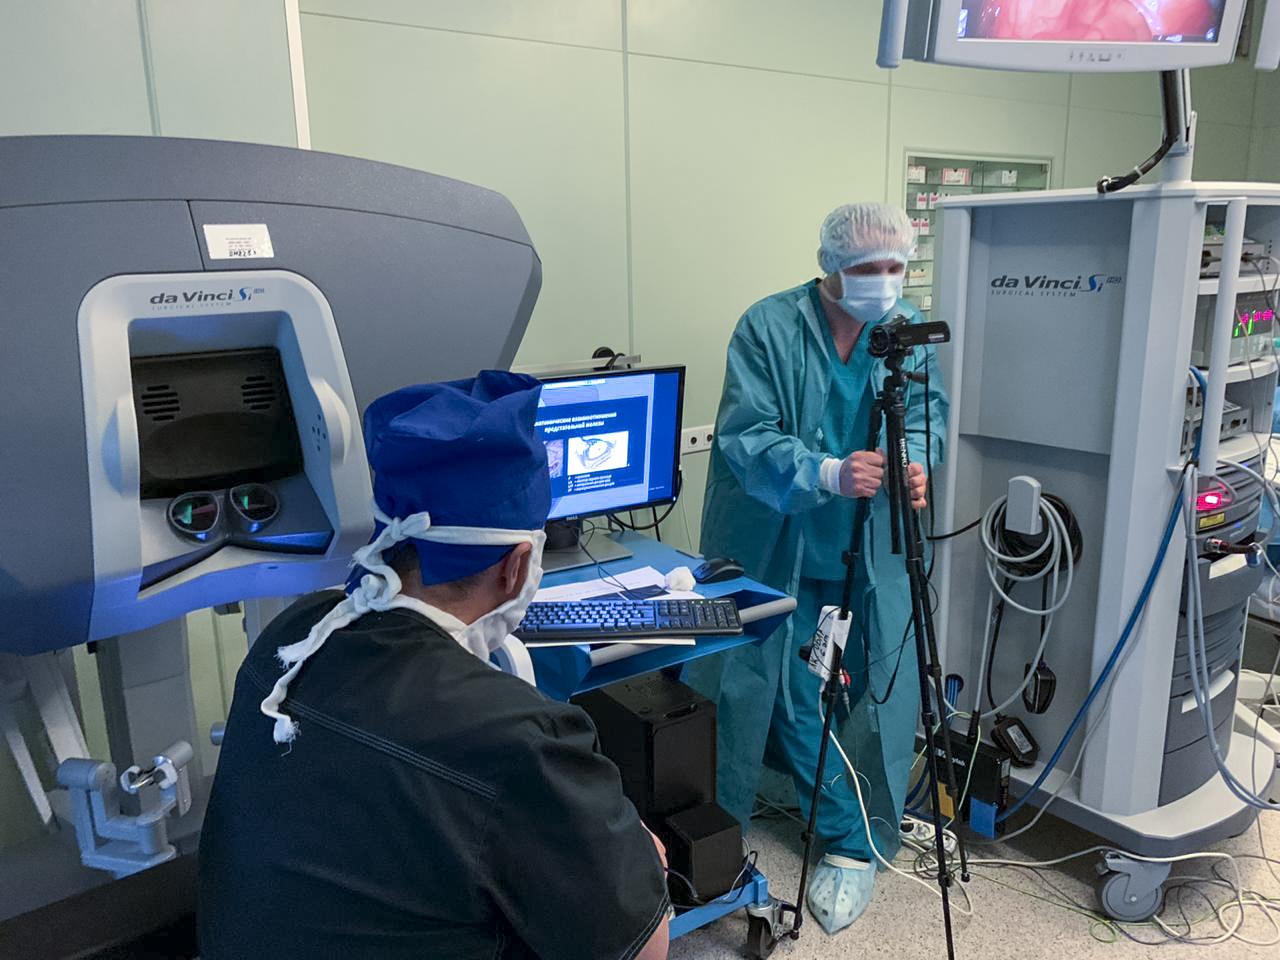 Операция на роботе да винчи